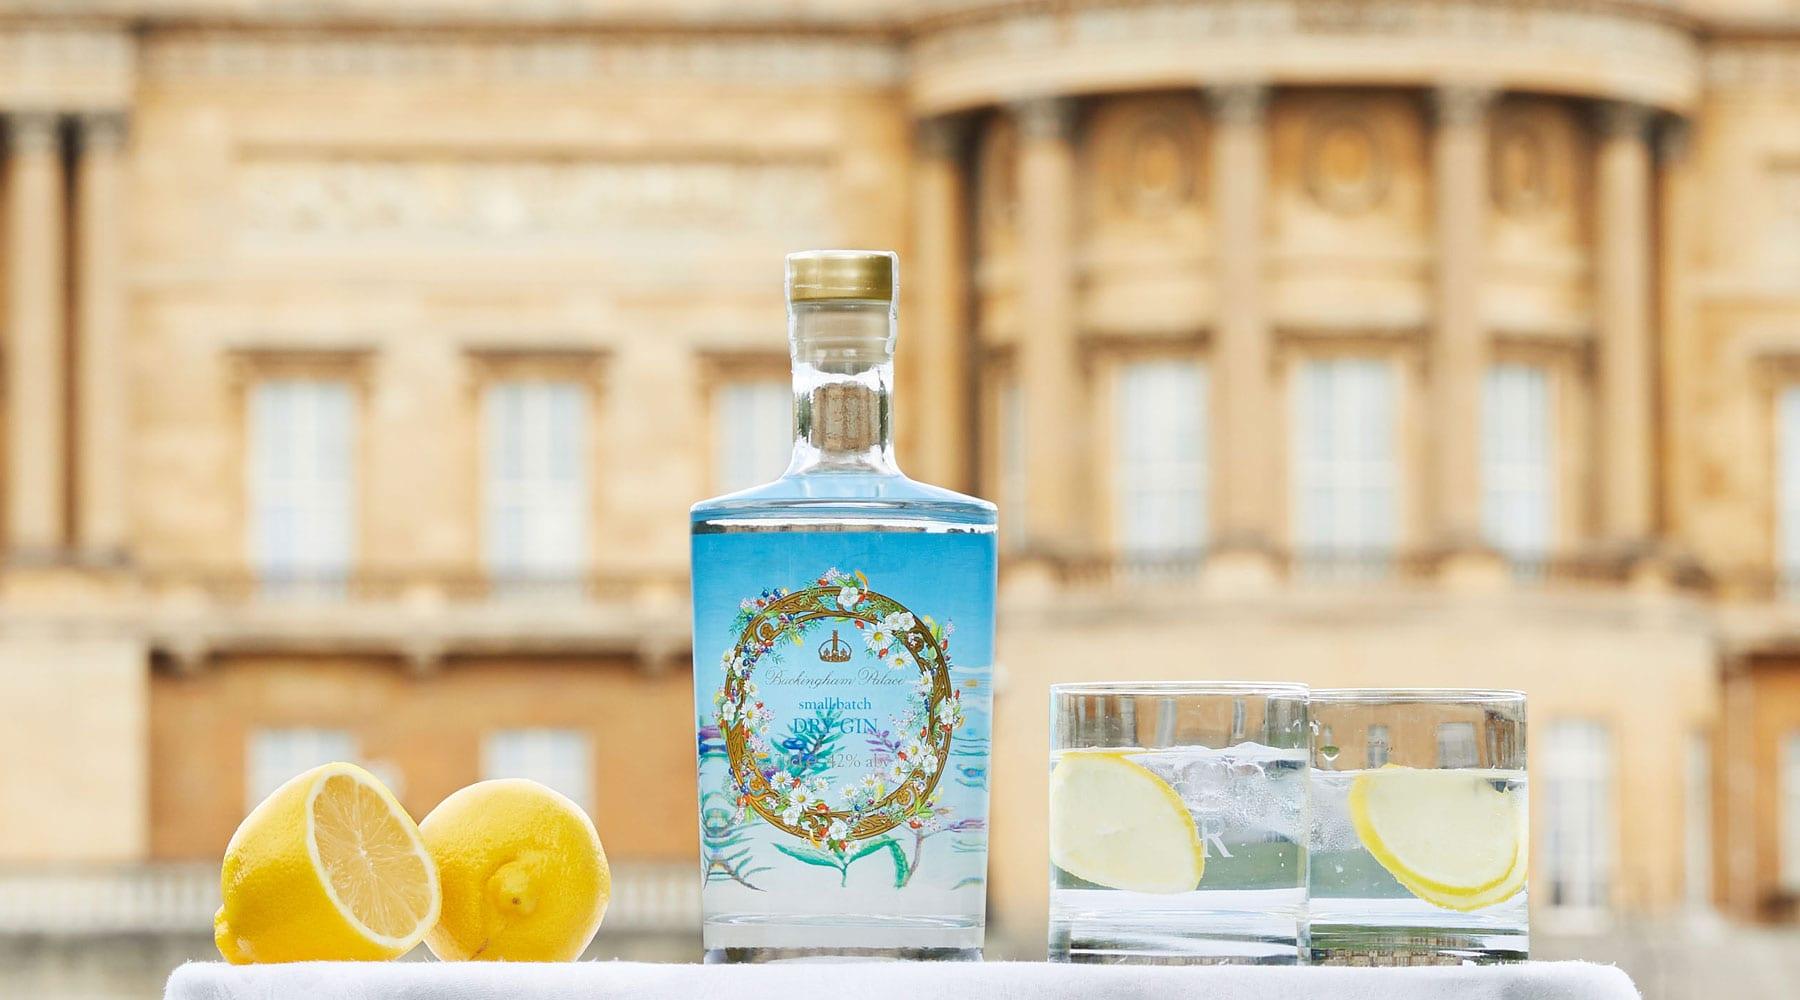 Il gin della regina elisabetta II e sullo sfondo Buckingham Palace